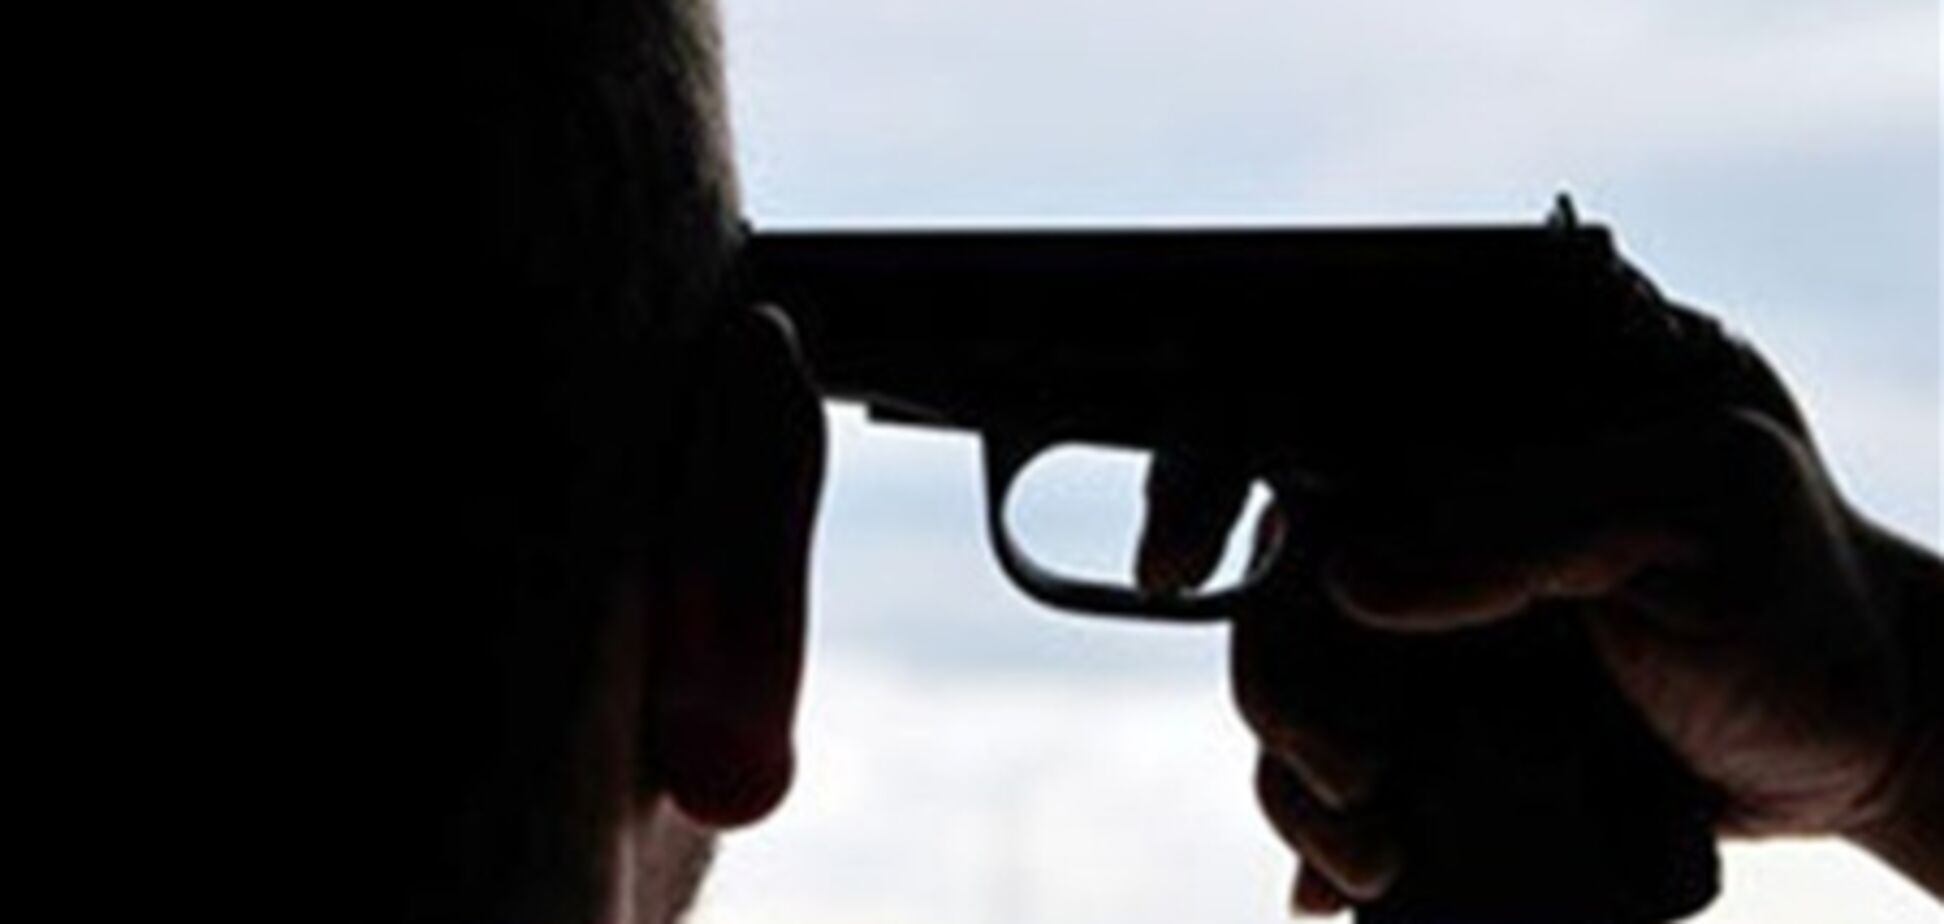 У Миколаєві чоловік вистрілив собі в голову, але не пам'ятає чому